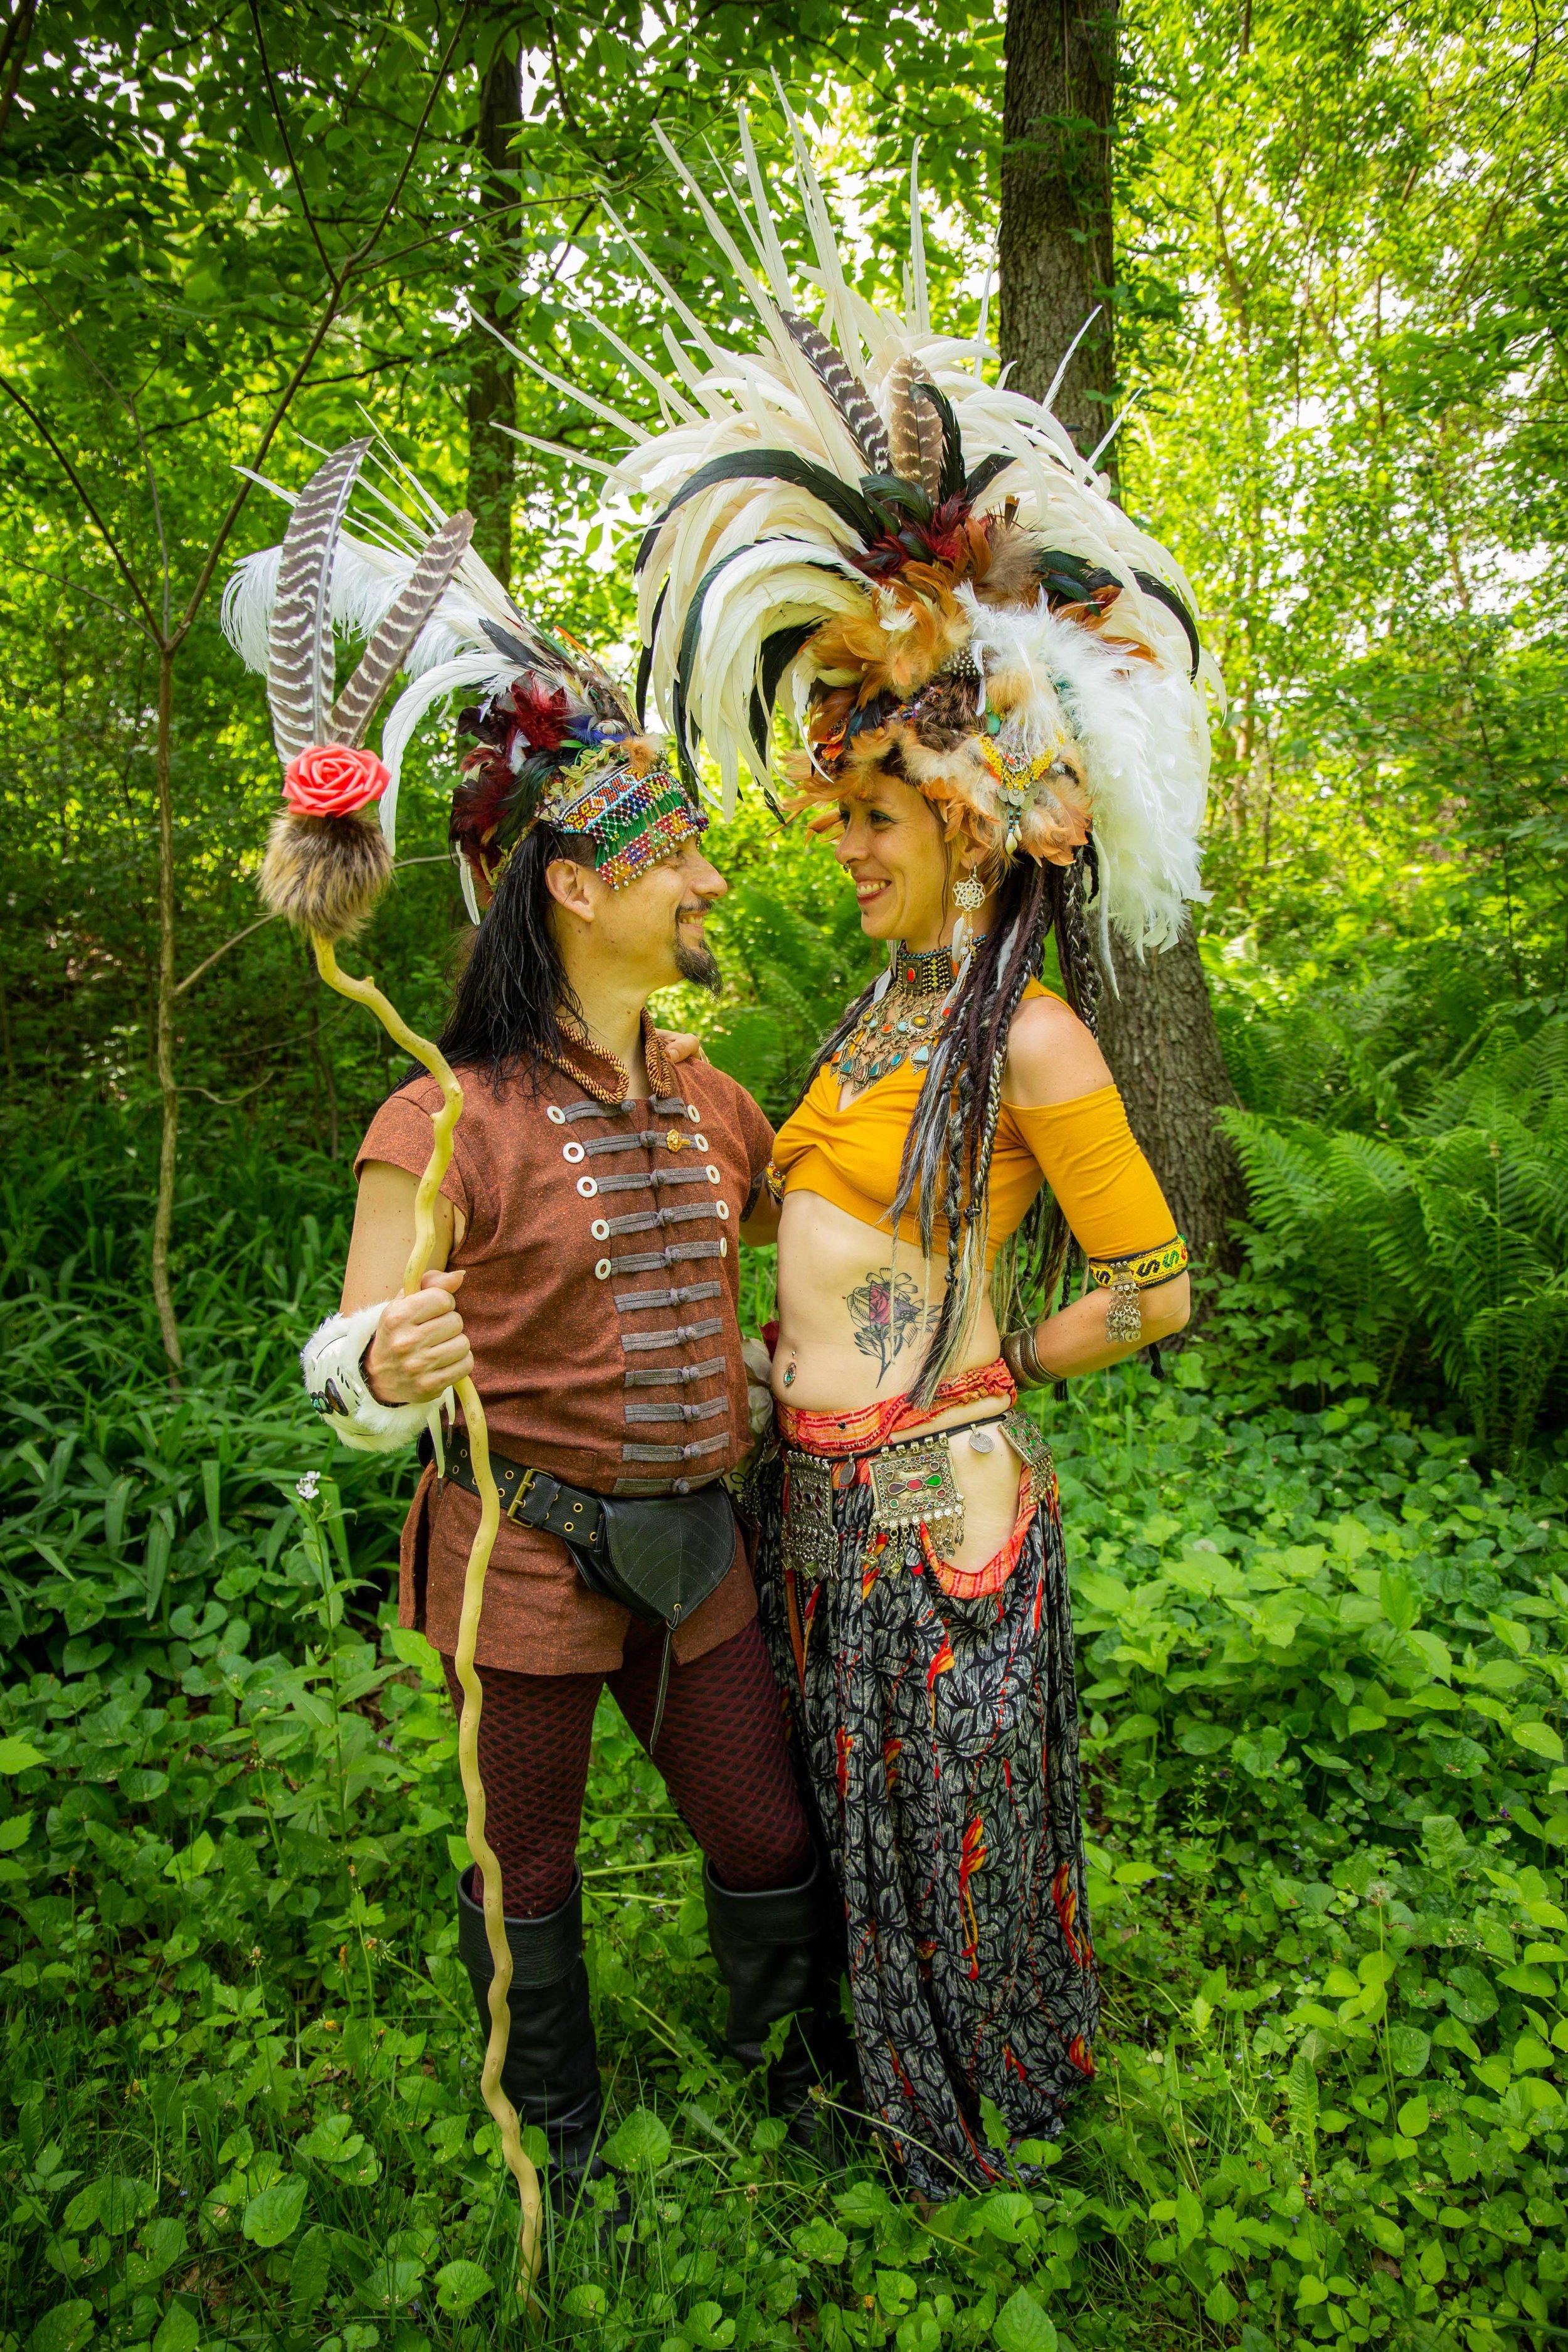 creativeportraits-engagementphotos-southernwiphotographer-katydaixonphotography-11.jpg